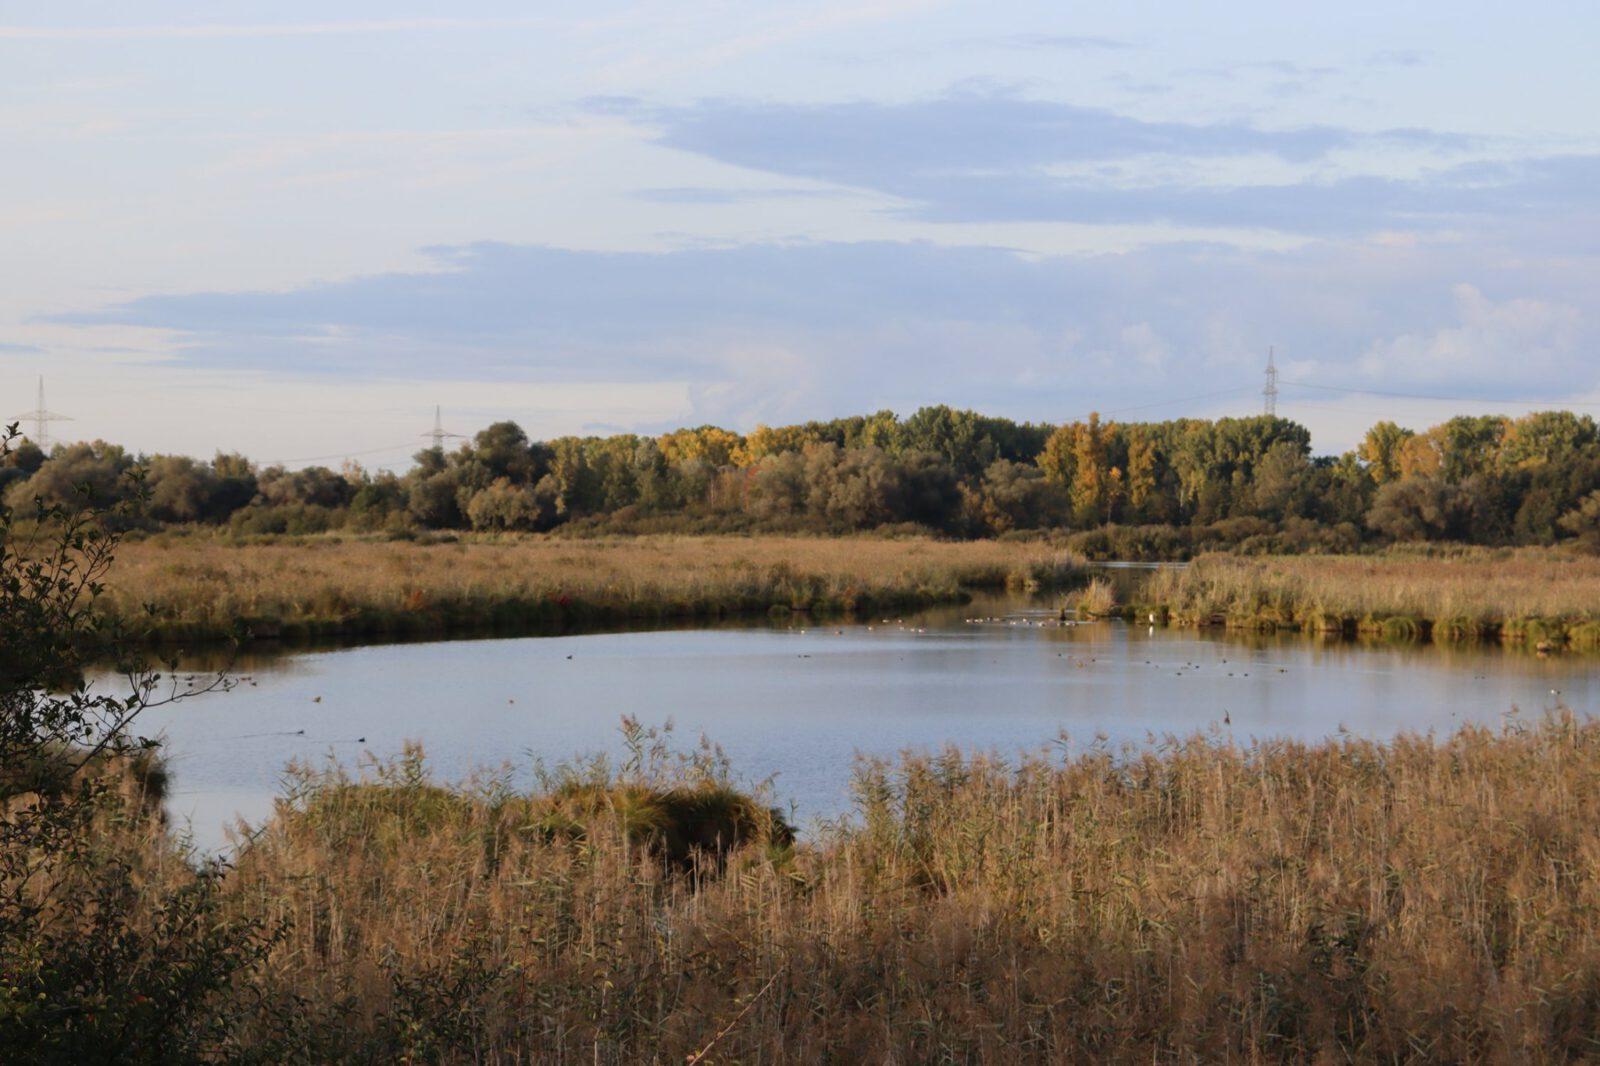 Wanderung von der Eremitage ins nahe Naturschutzgebiet